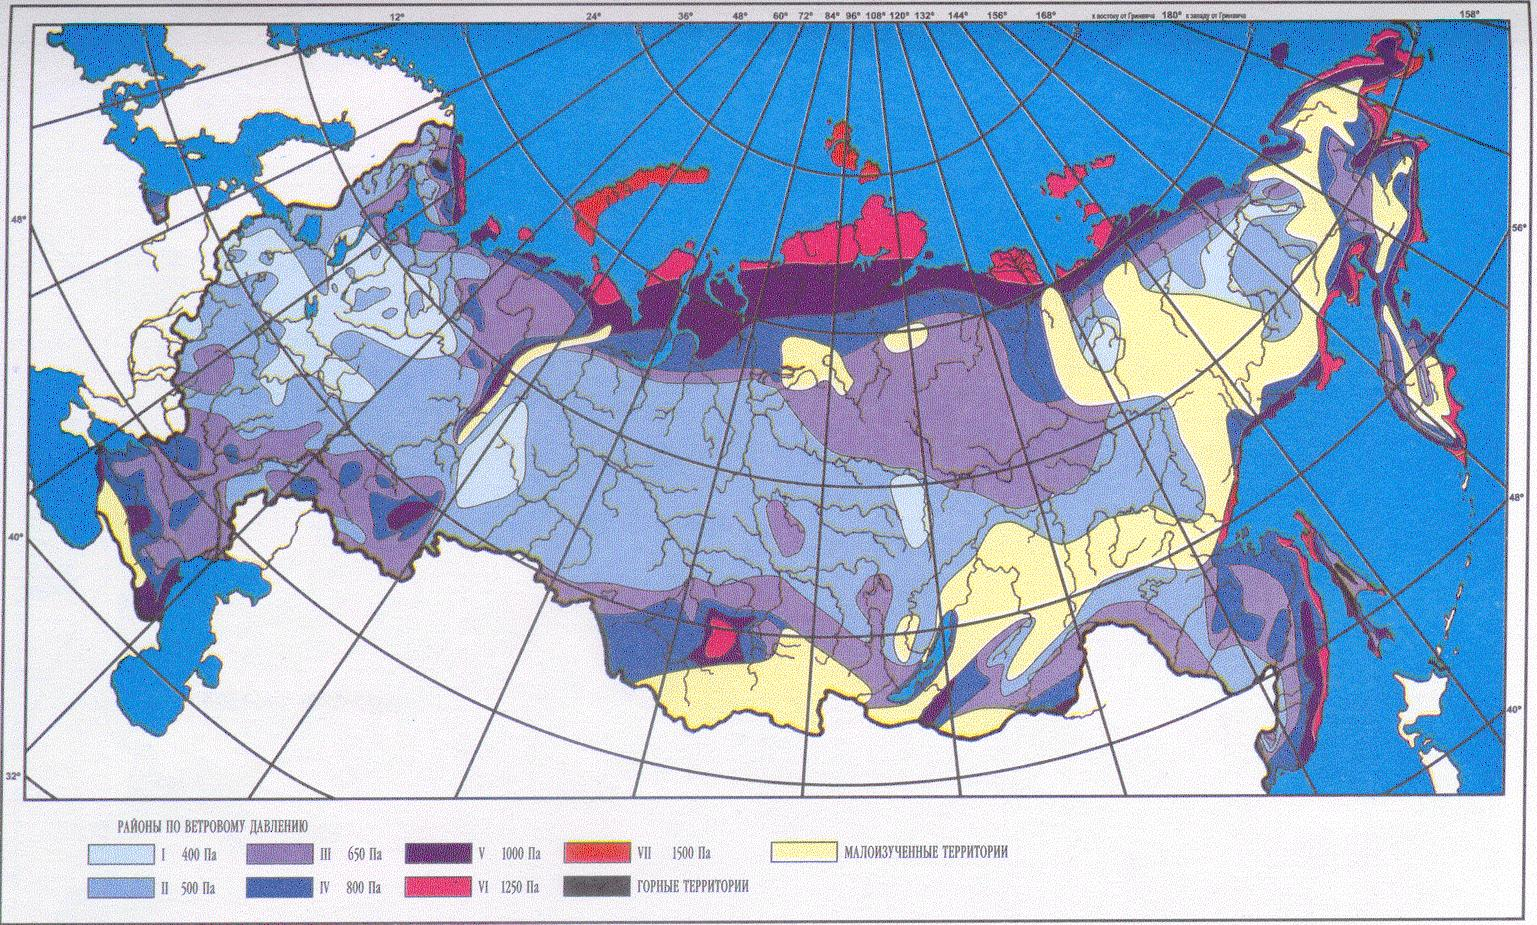 Карта районов РФ по ветровому давлению